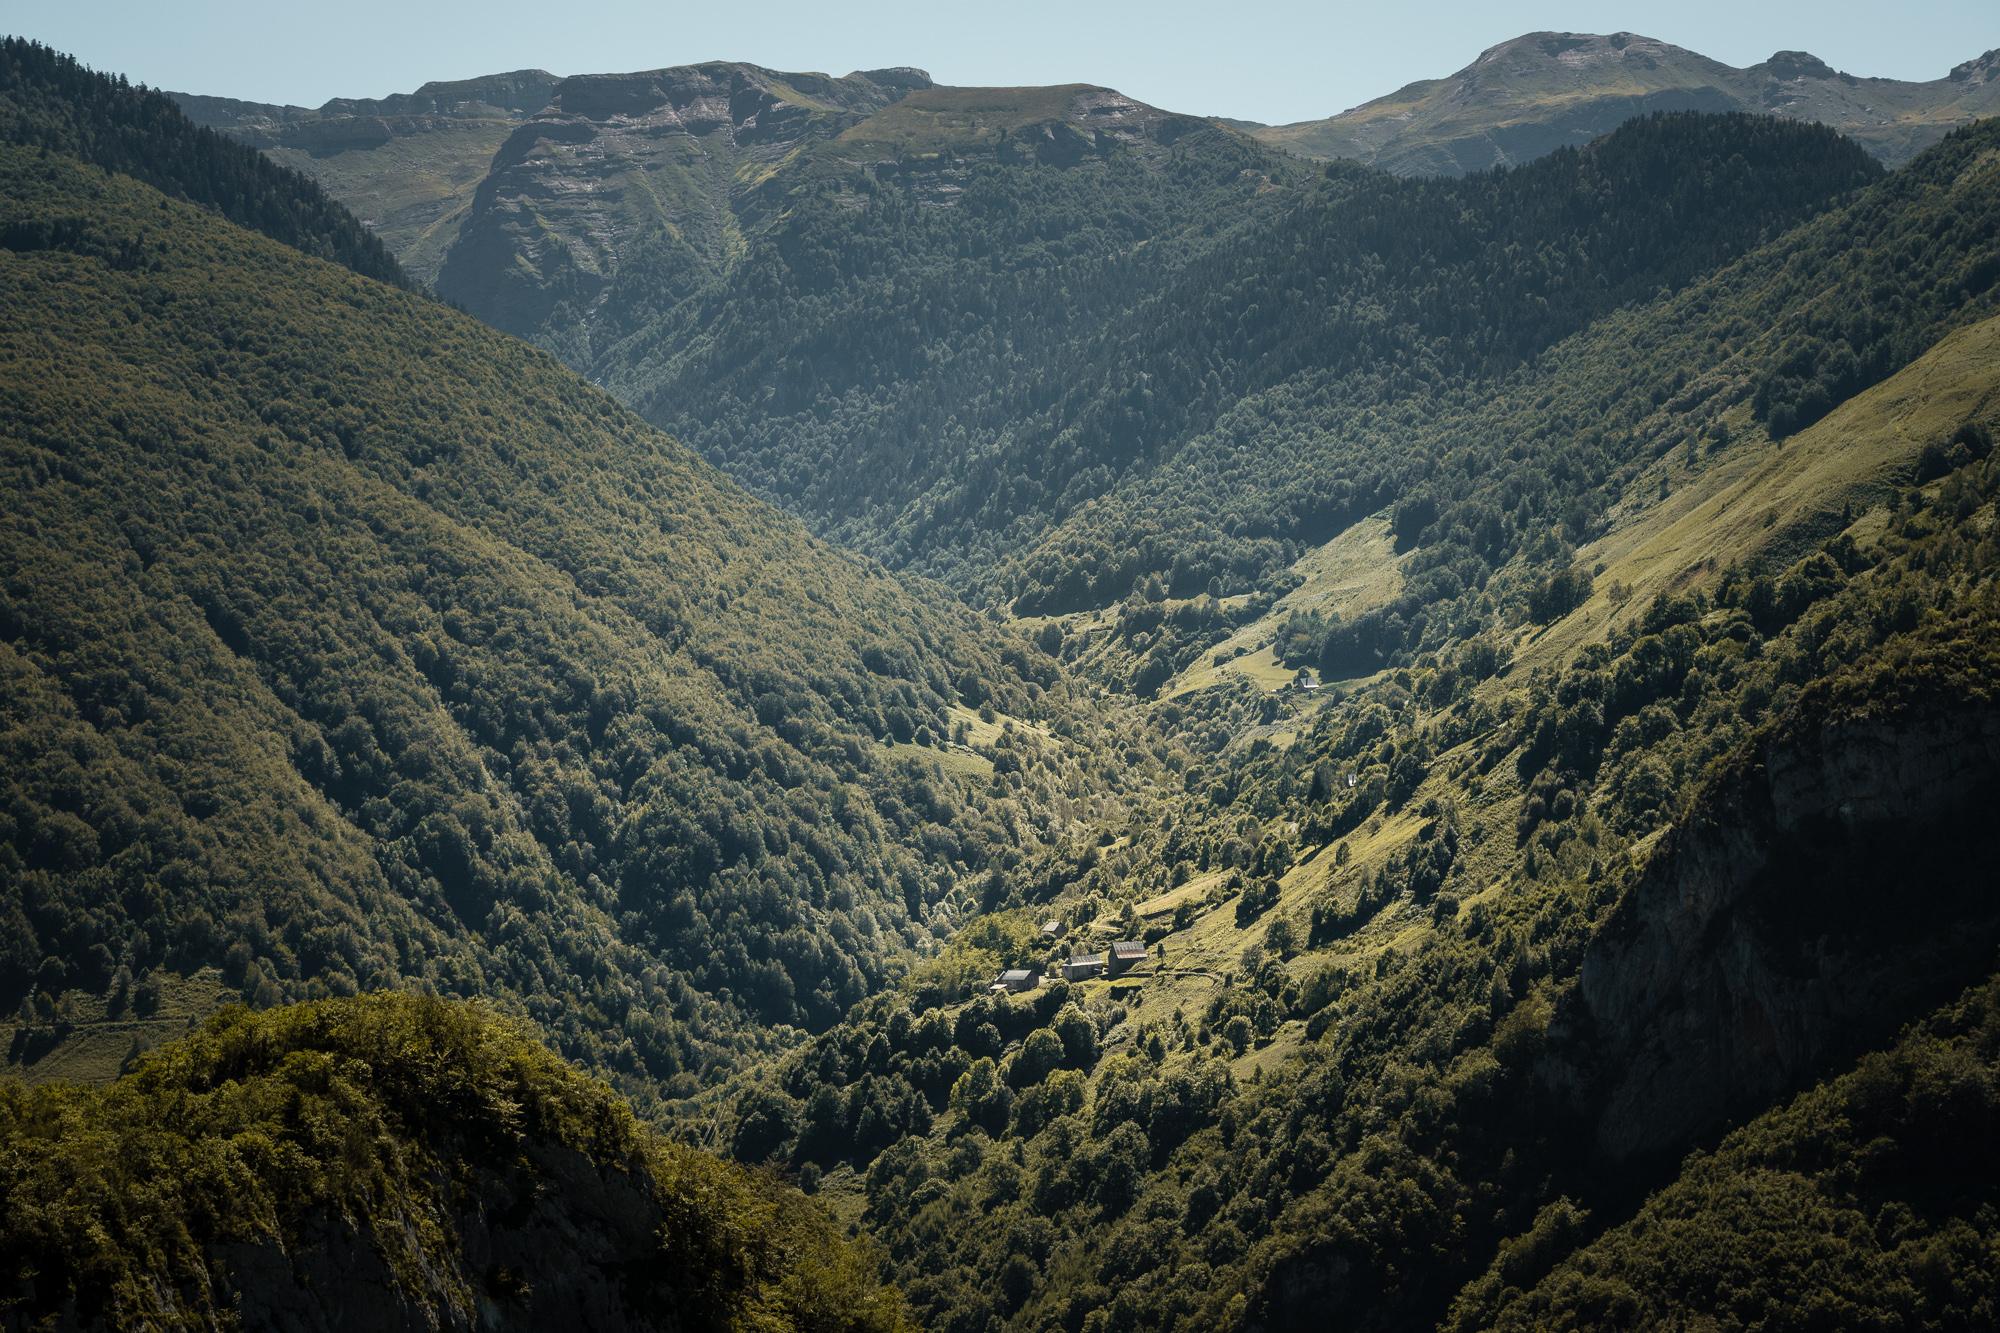 vallée d'aspe et montagnes pyrénées